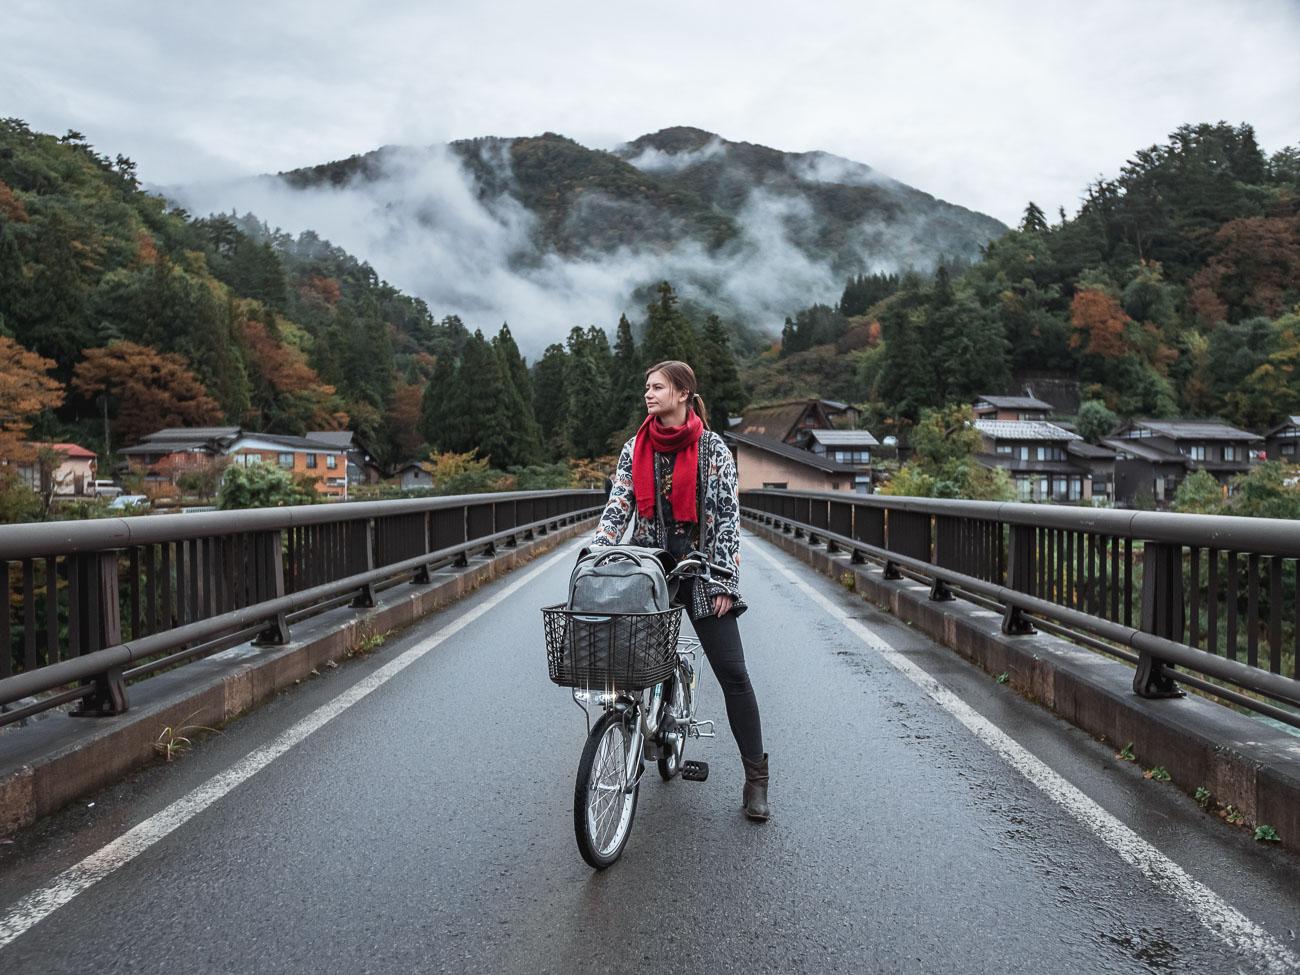 shirakawa-go japońskie alpy